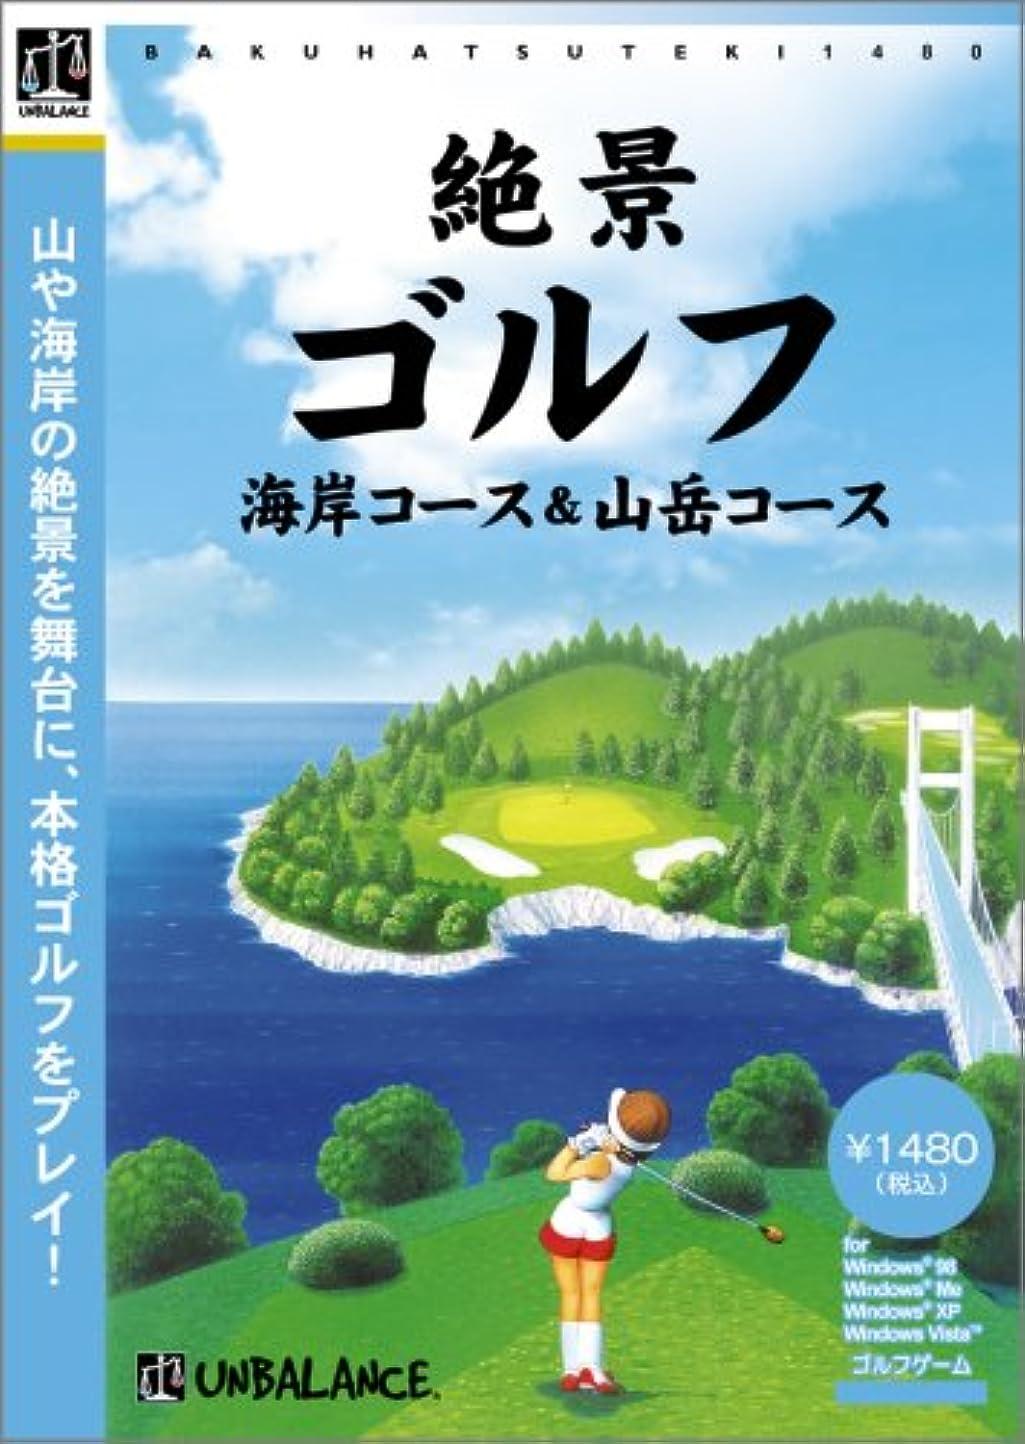 名前失望へこみ爆発的1480シリーズ ベストセレクション 絶景ゴルフ -海岸コース&山岳コース-